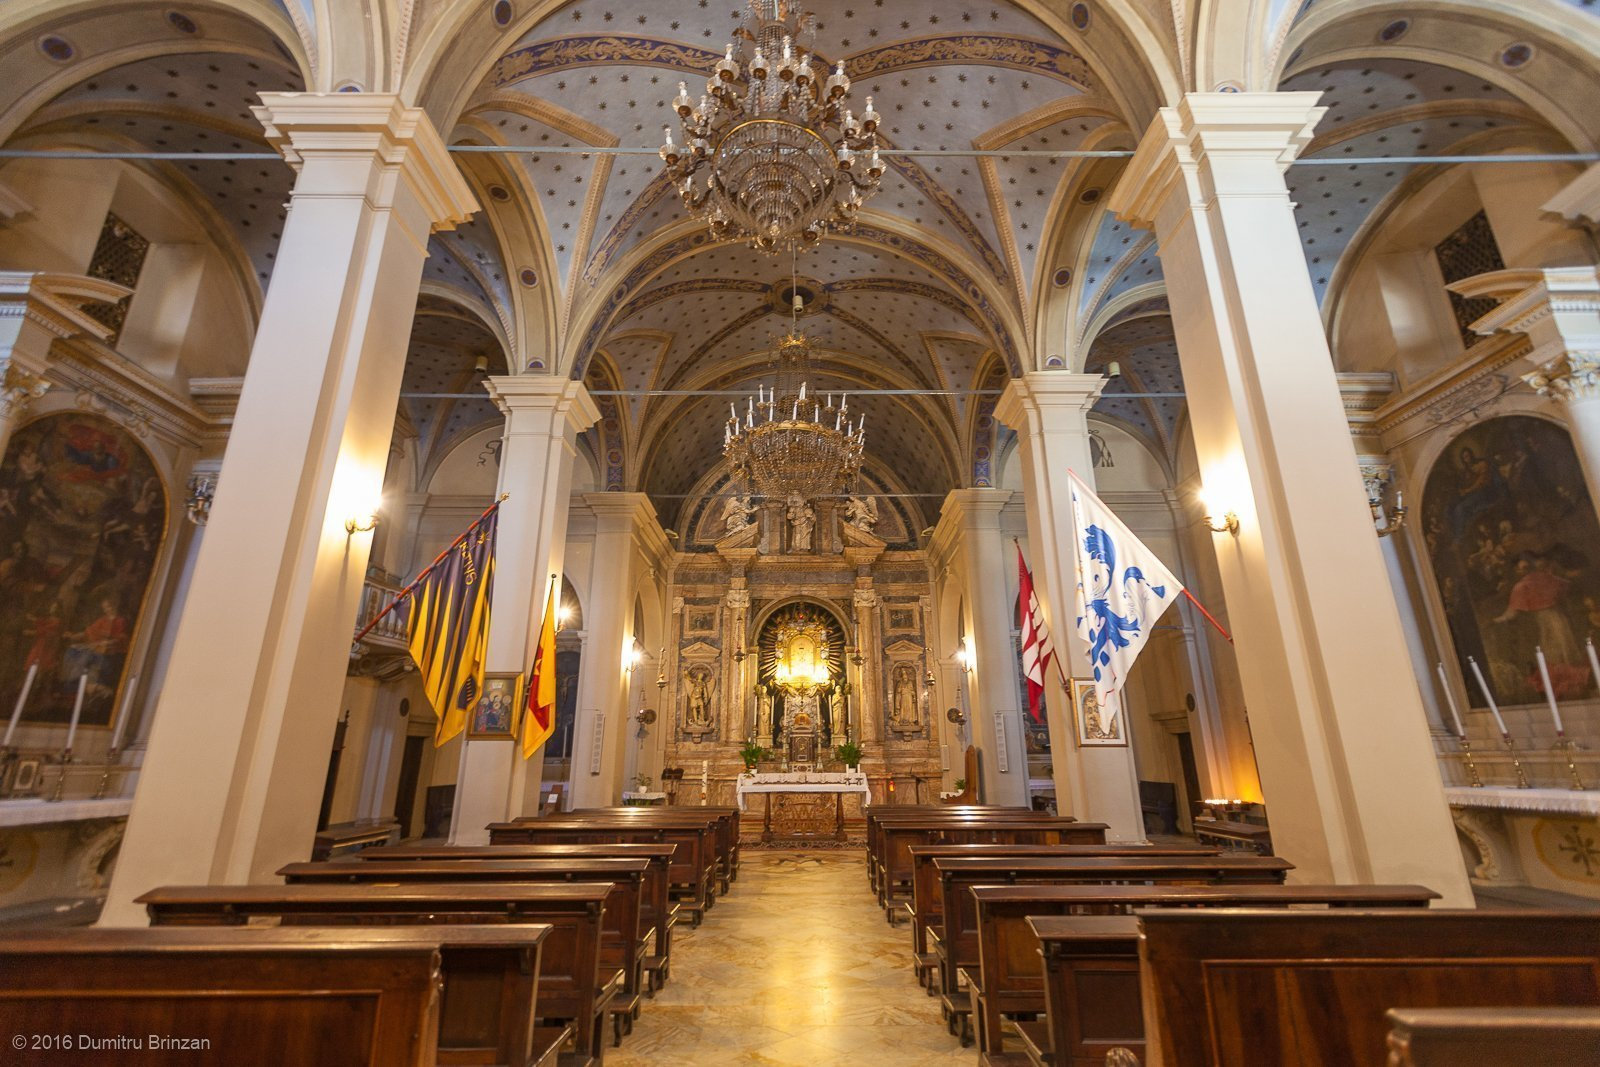 2016-montalcino-tuscany-italy-4-chiesa-della-madonna-del-soccorso